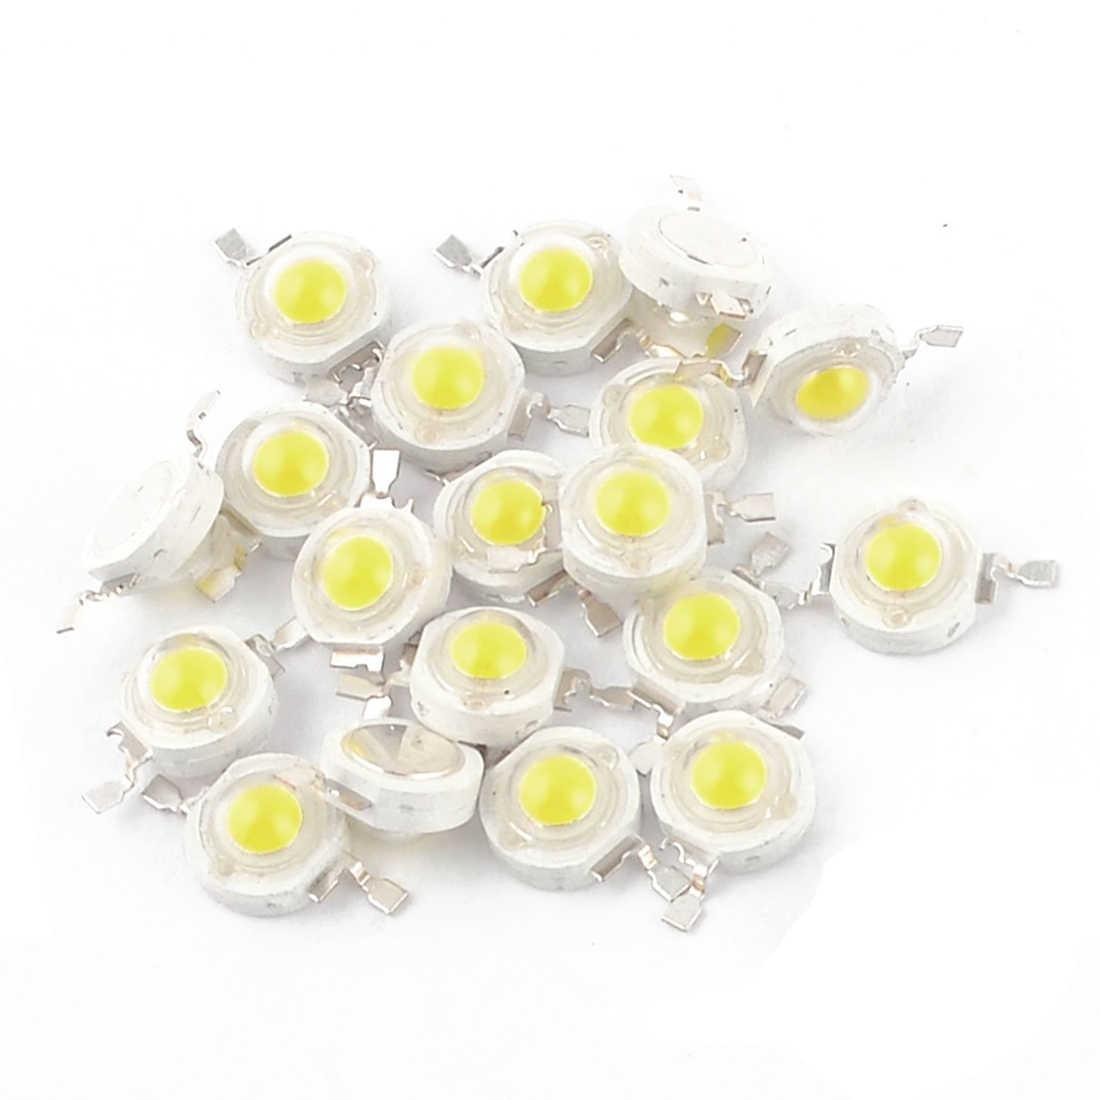 20 Pcs Alto Potere 2 Spille 3W Bianco LED Emettitori 170-190Lm 6000K